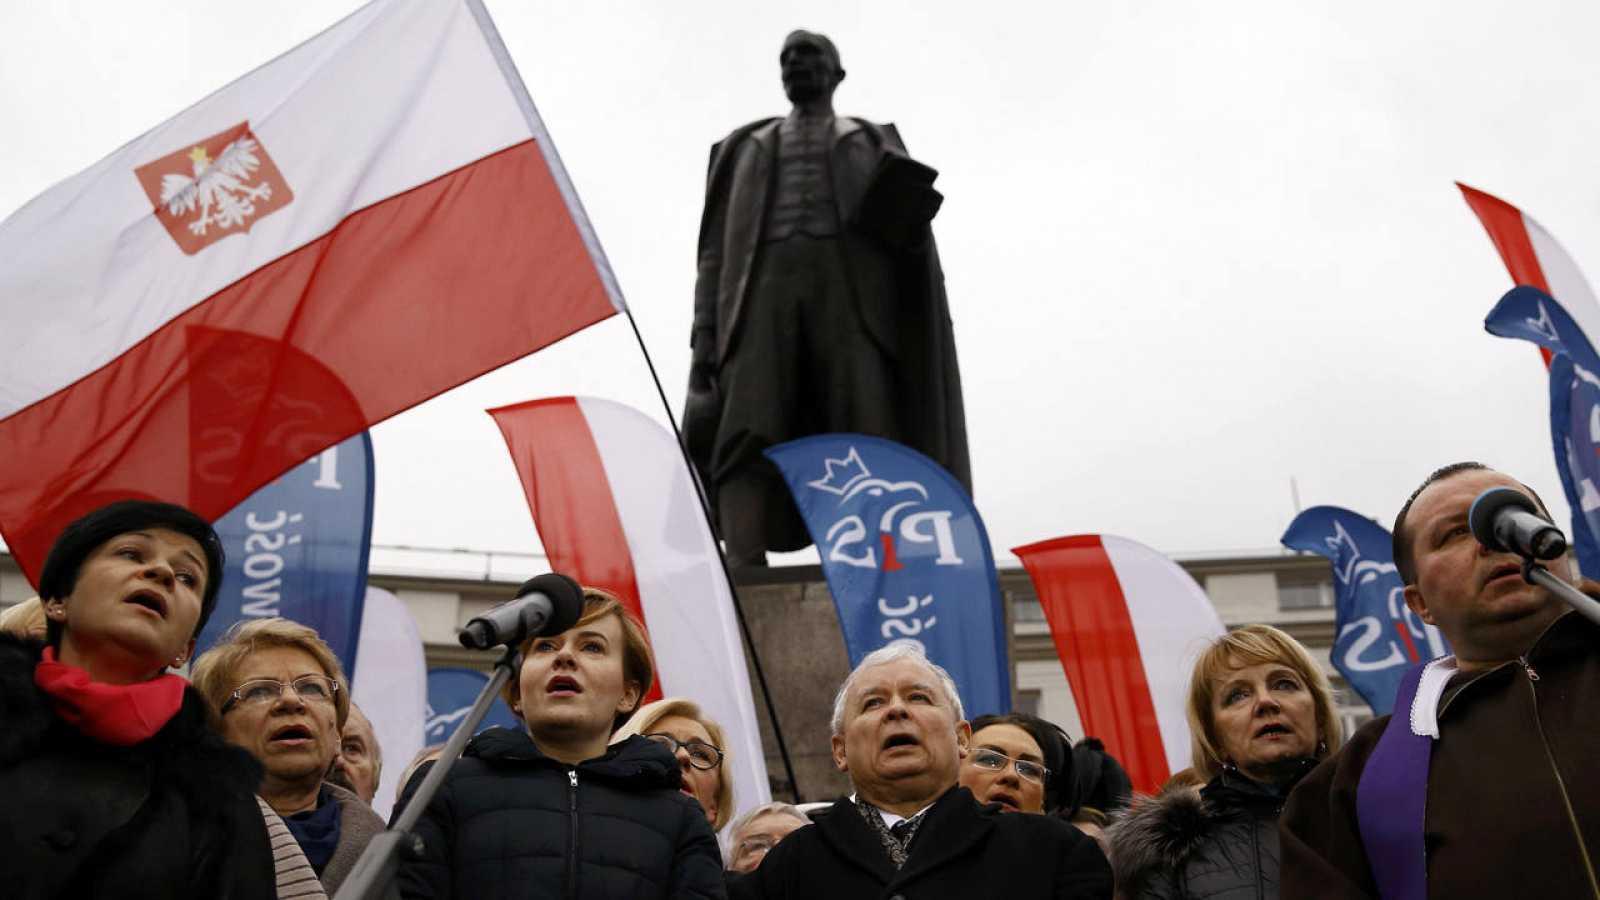 Jaroslaw Kaczynski, en el centro, líder del partido polaco Ley y Justicia, durante una manifestación progubernamental en Varsovia